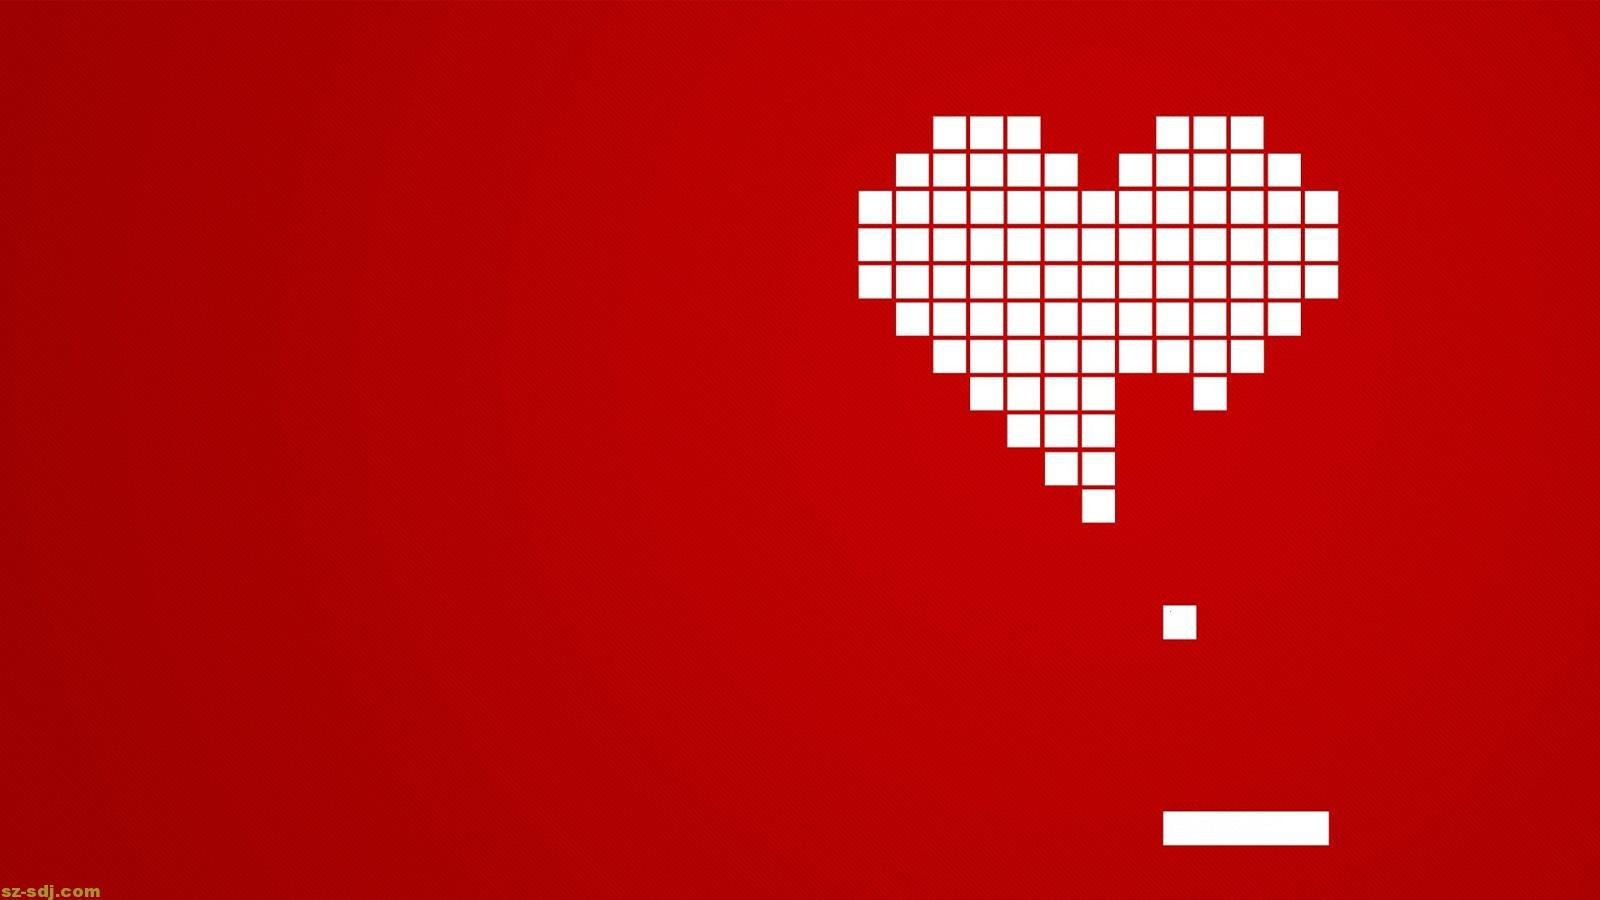 8 и 16 bit по новому, игры милые сердцу детства. - Изображение 1